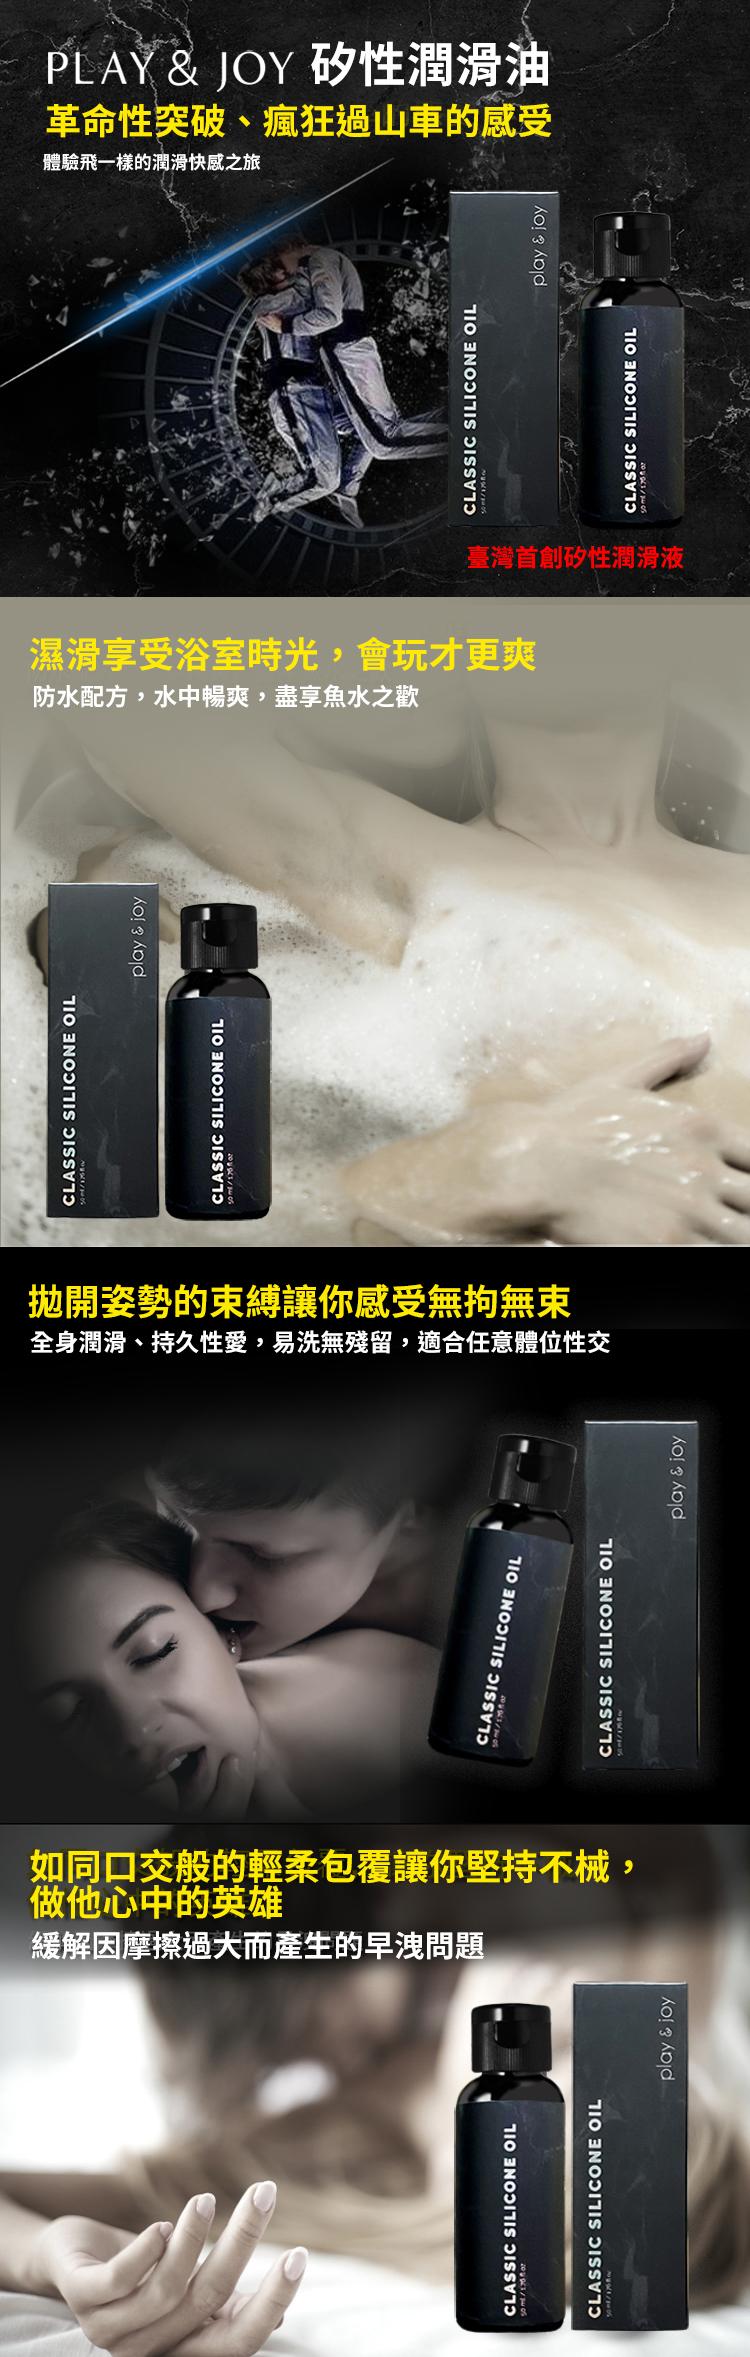 Play & Joy 豪華型矽性潤滑油